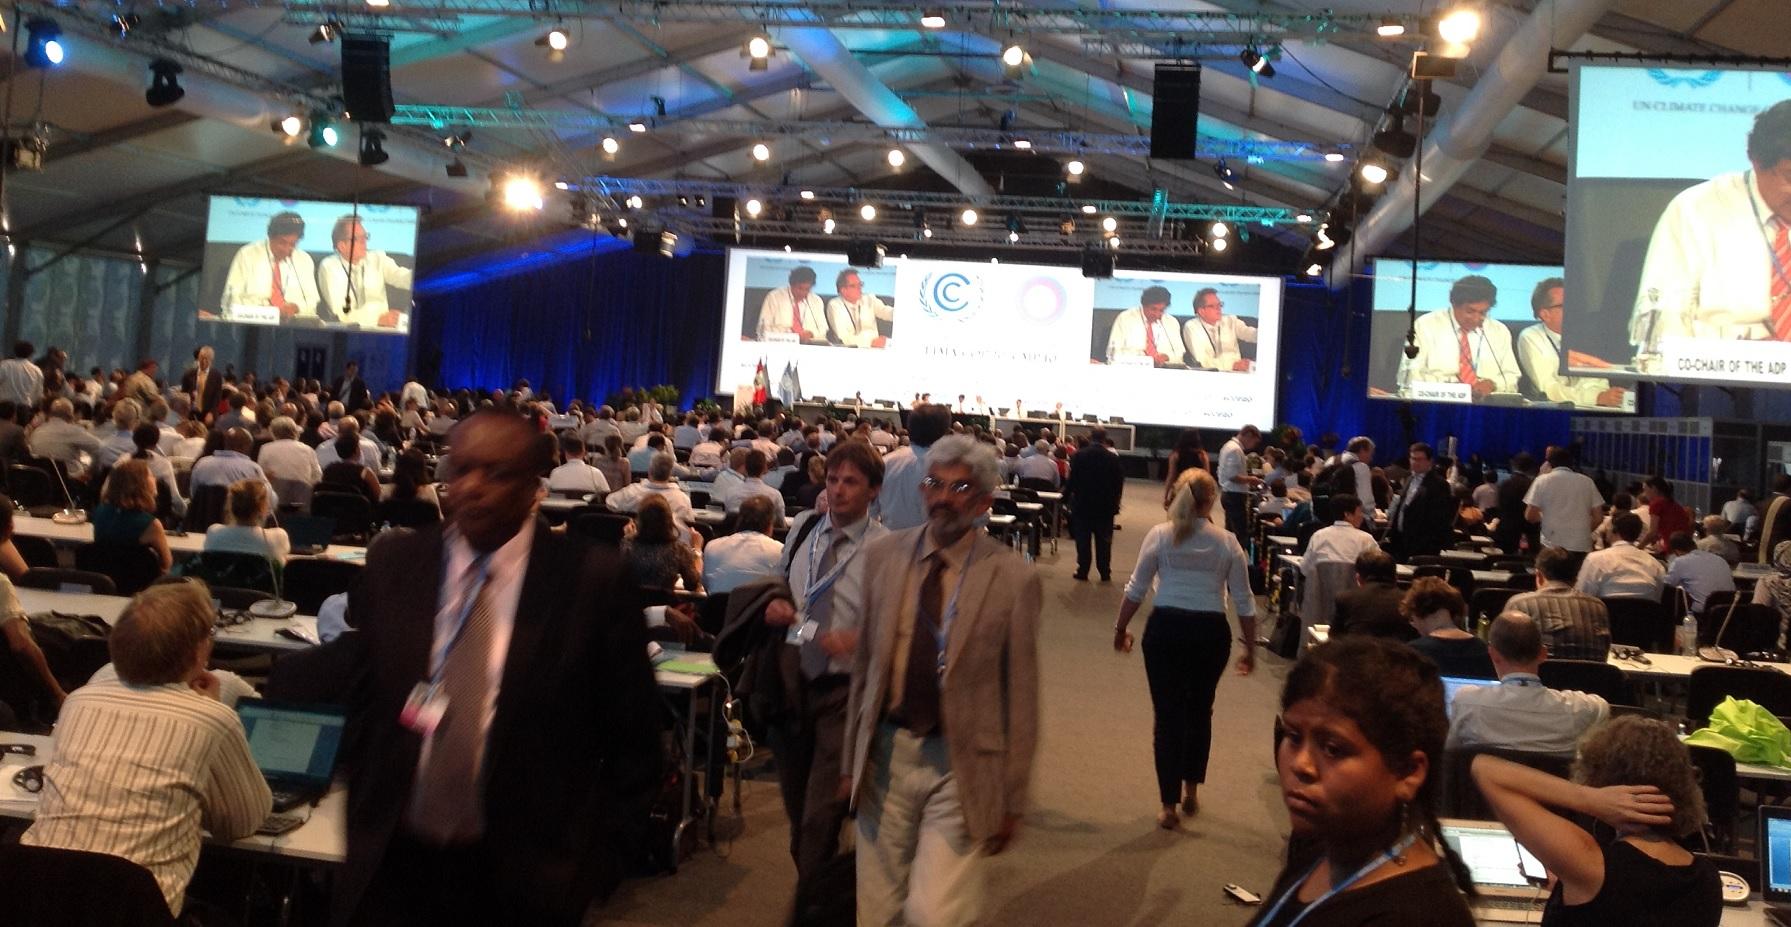 Del 1 al 11 de Junio se desarrollará en Bonn, Alemania la Conferencia de Cambio Climático-